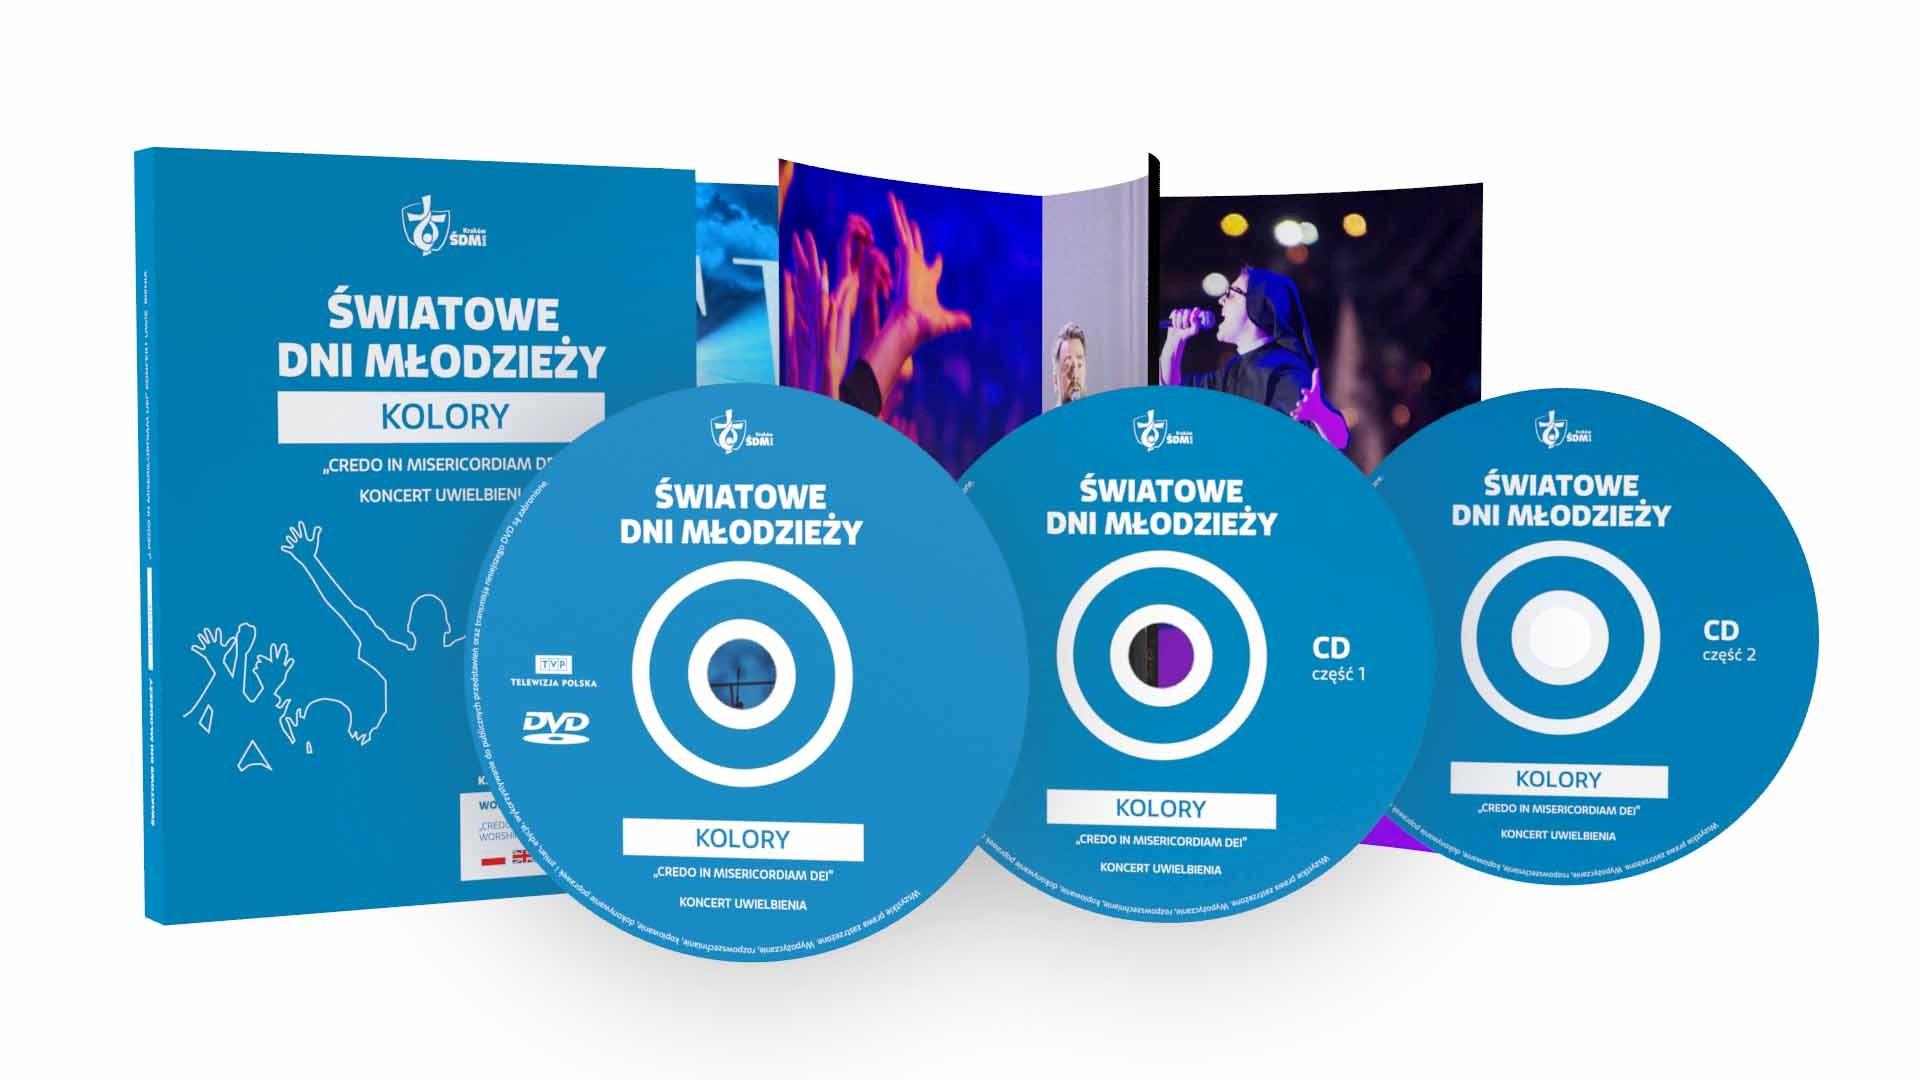 KOLORY - ŚDM 2016 koncert uwielbienia